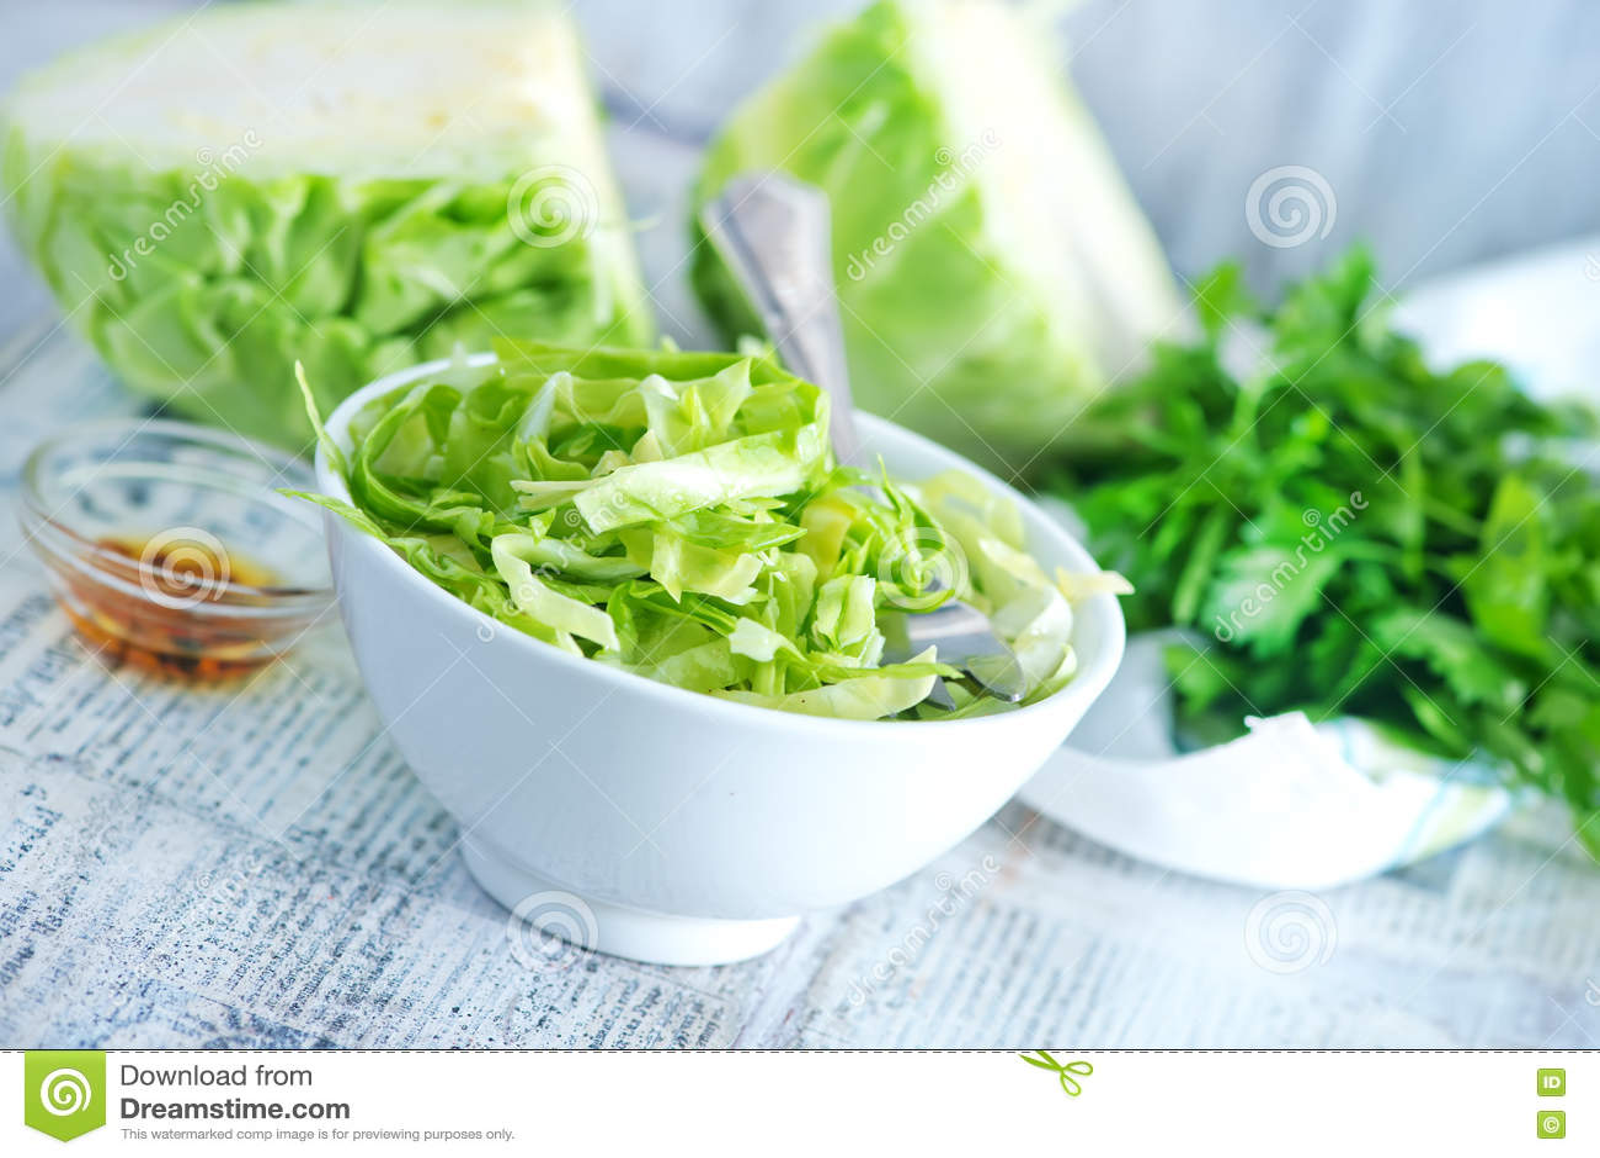 Download Салат капусты стоковое изображение. изображение насчитывающей порей - 72295057